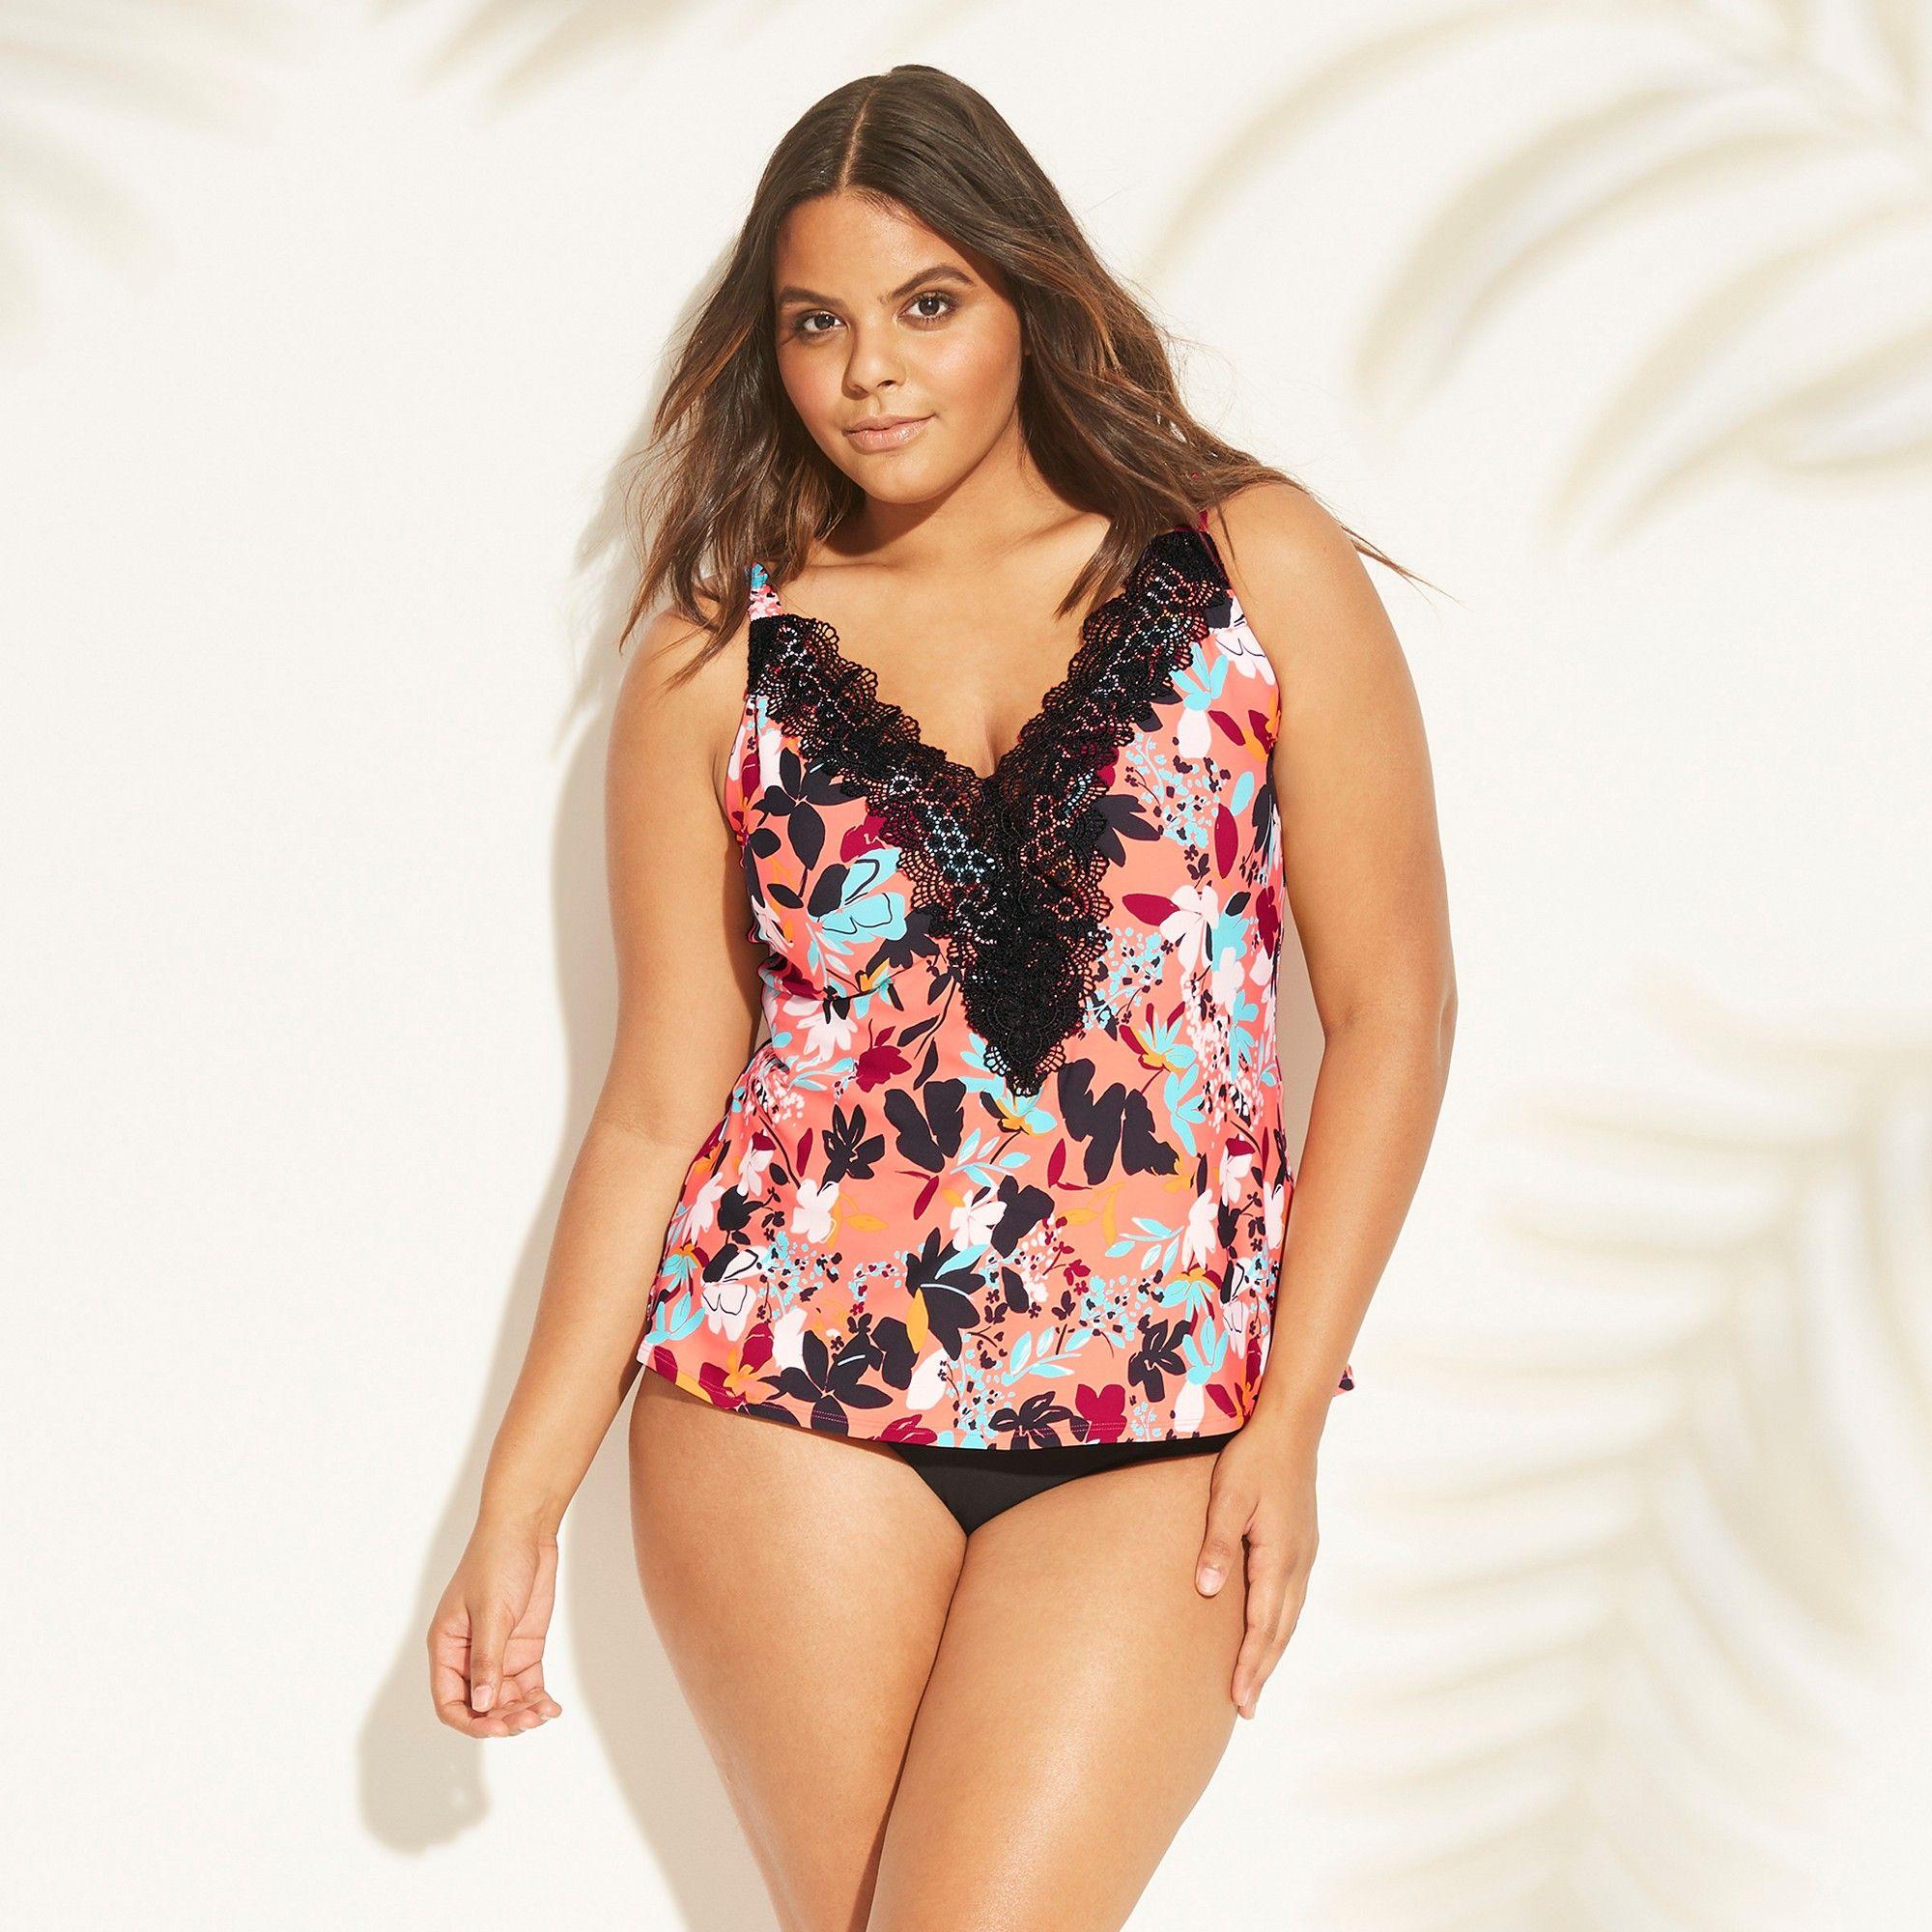 5b6eb72670f Women's Plus Size Lace Tankini Top - Sea Angel Coral Floral 3X, Multicolored